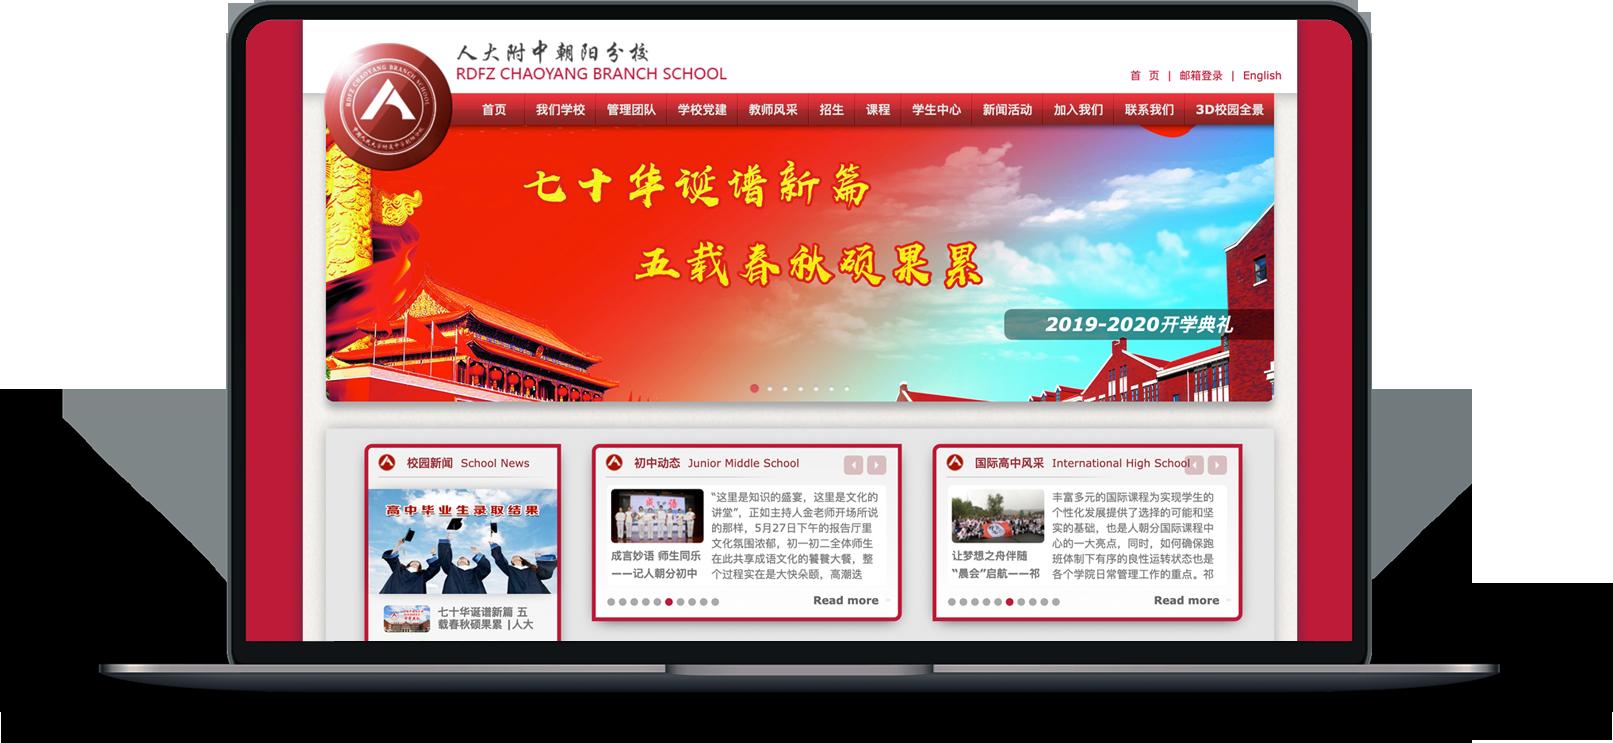 北京市朝阳区人大附中朝阳分校网站建设